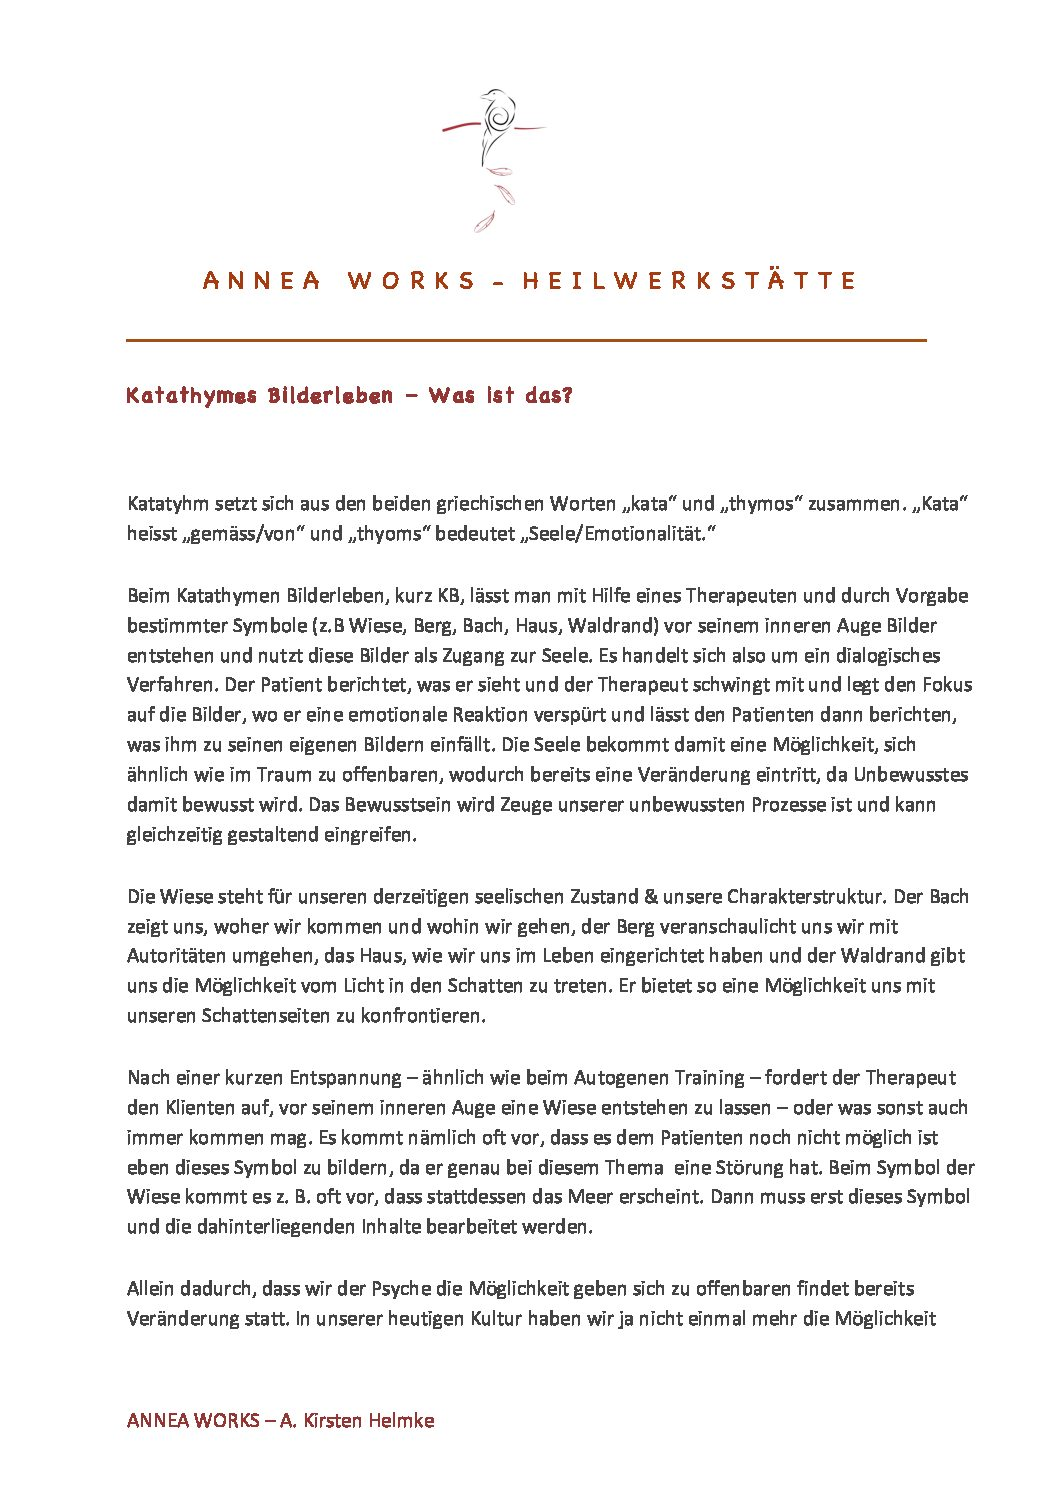 Info Katathymes Bilderleben